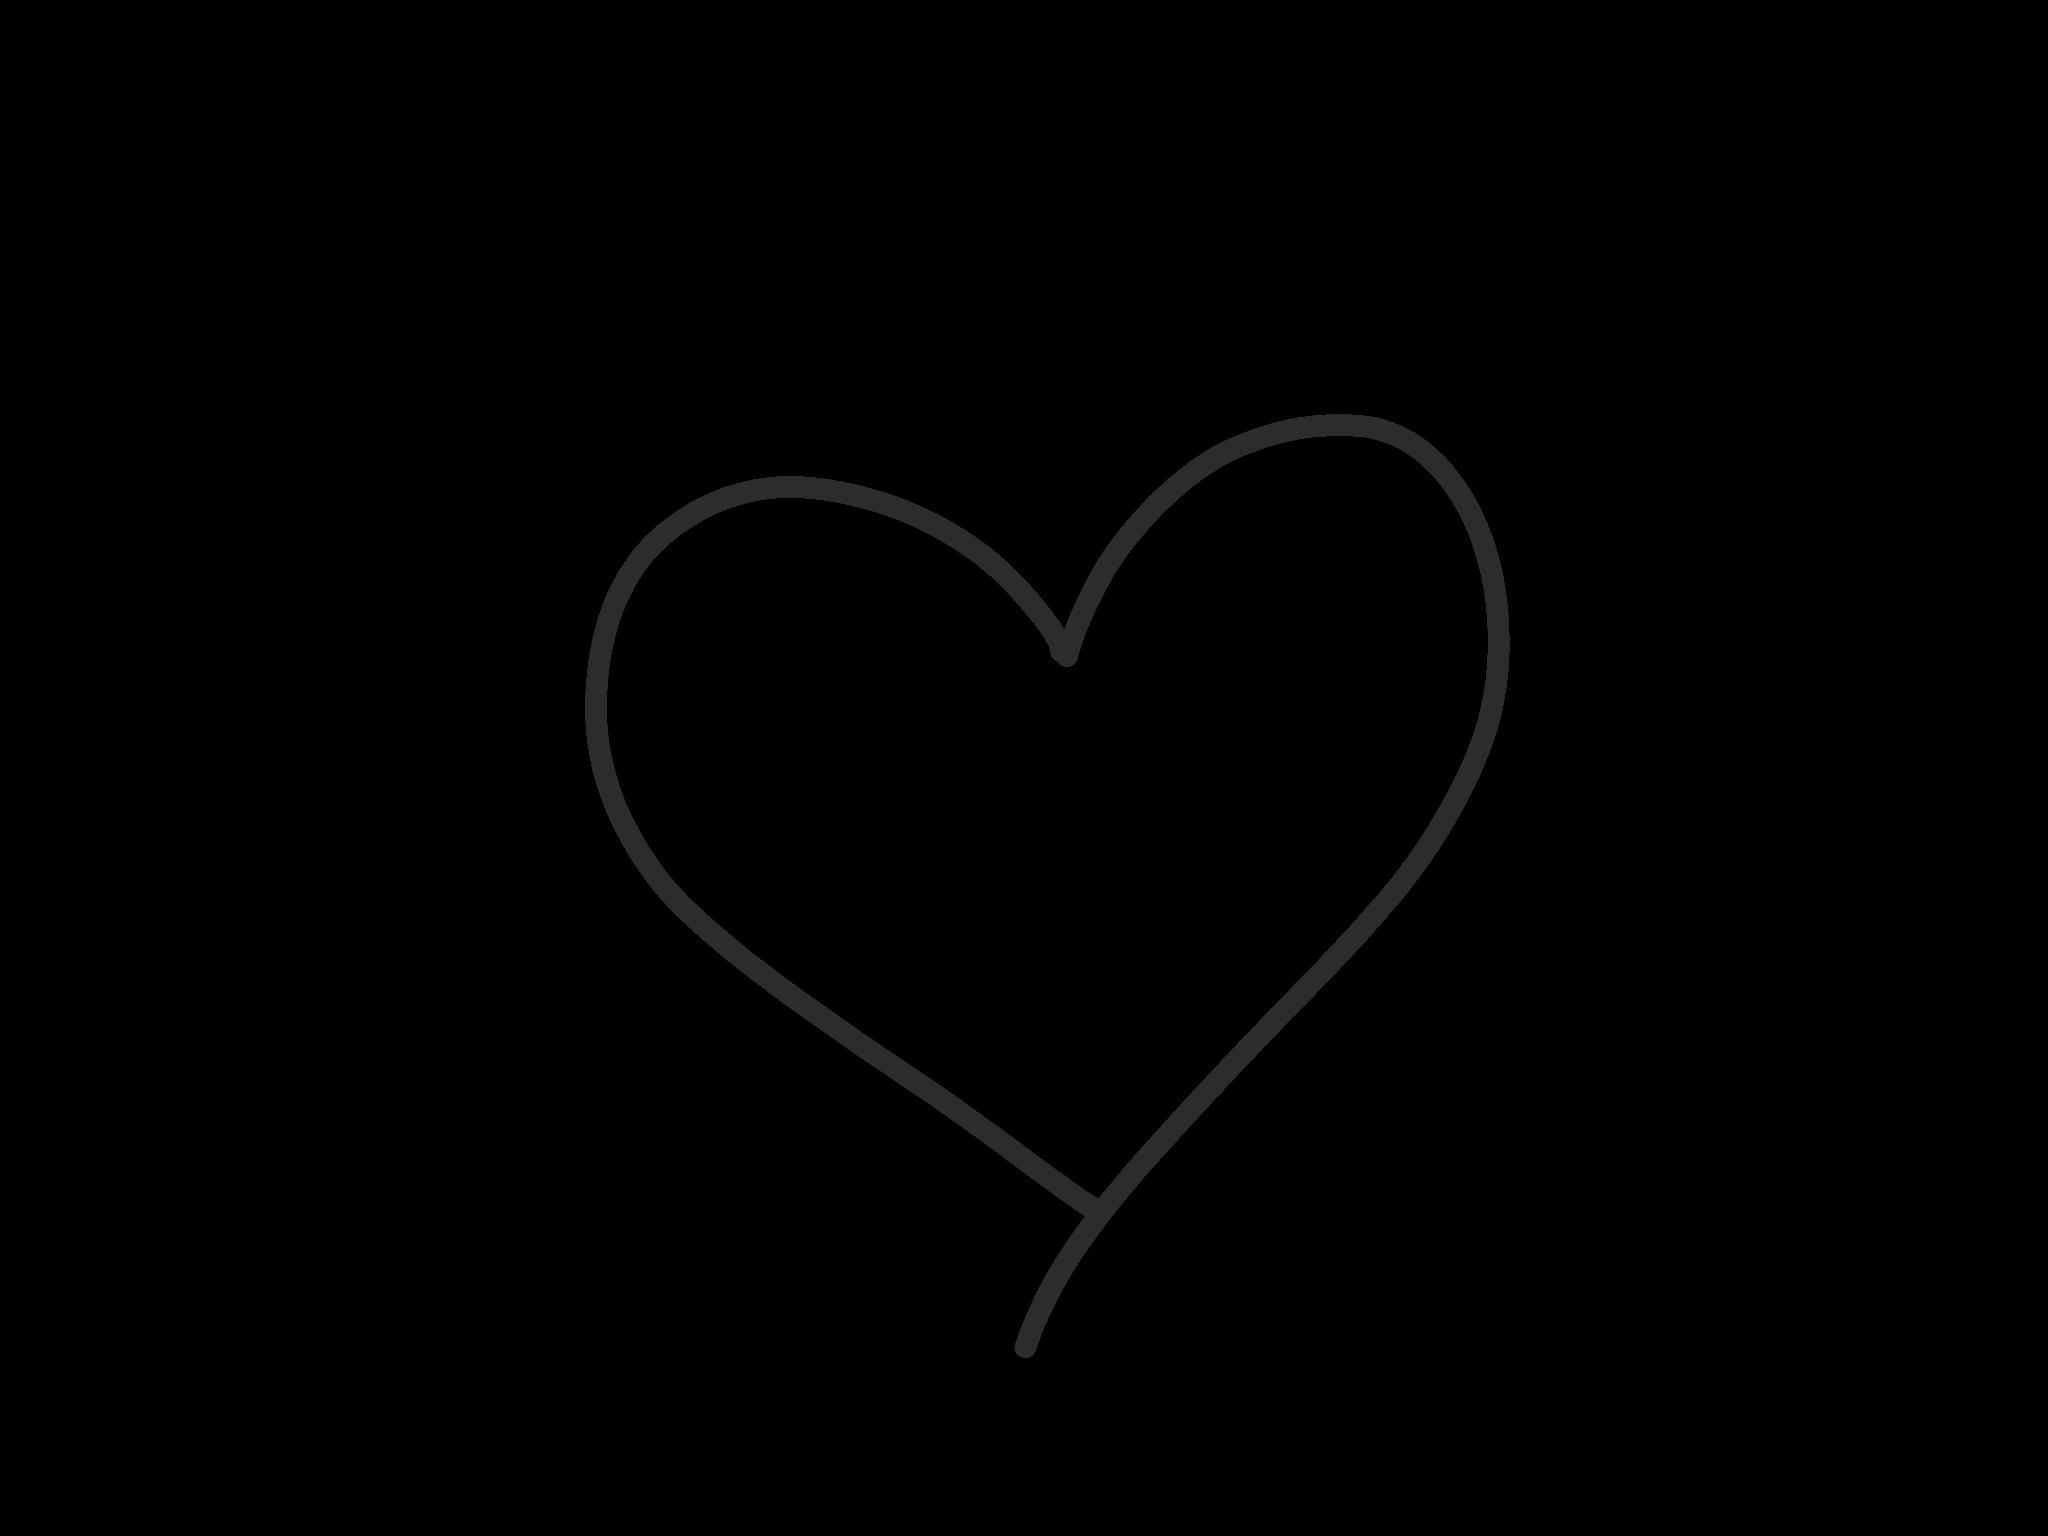 Menu icons - Drawing 1_6.png